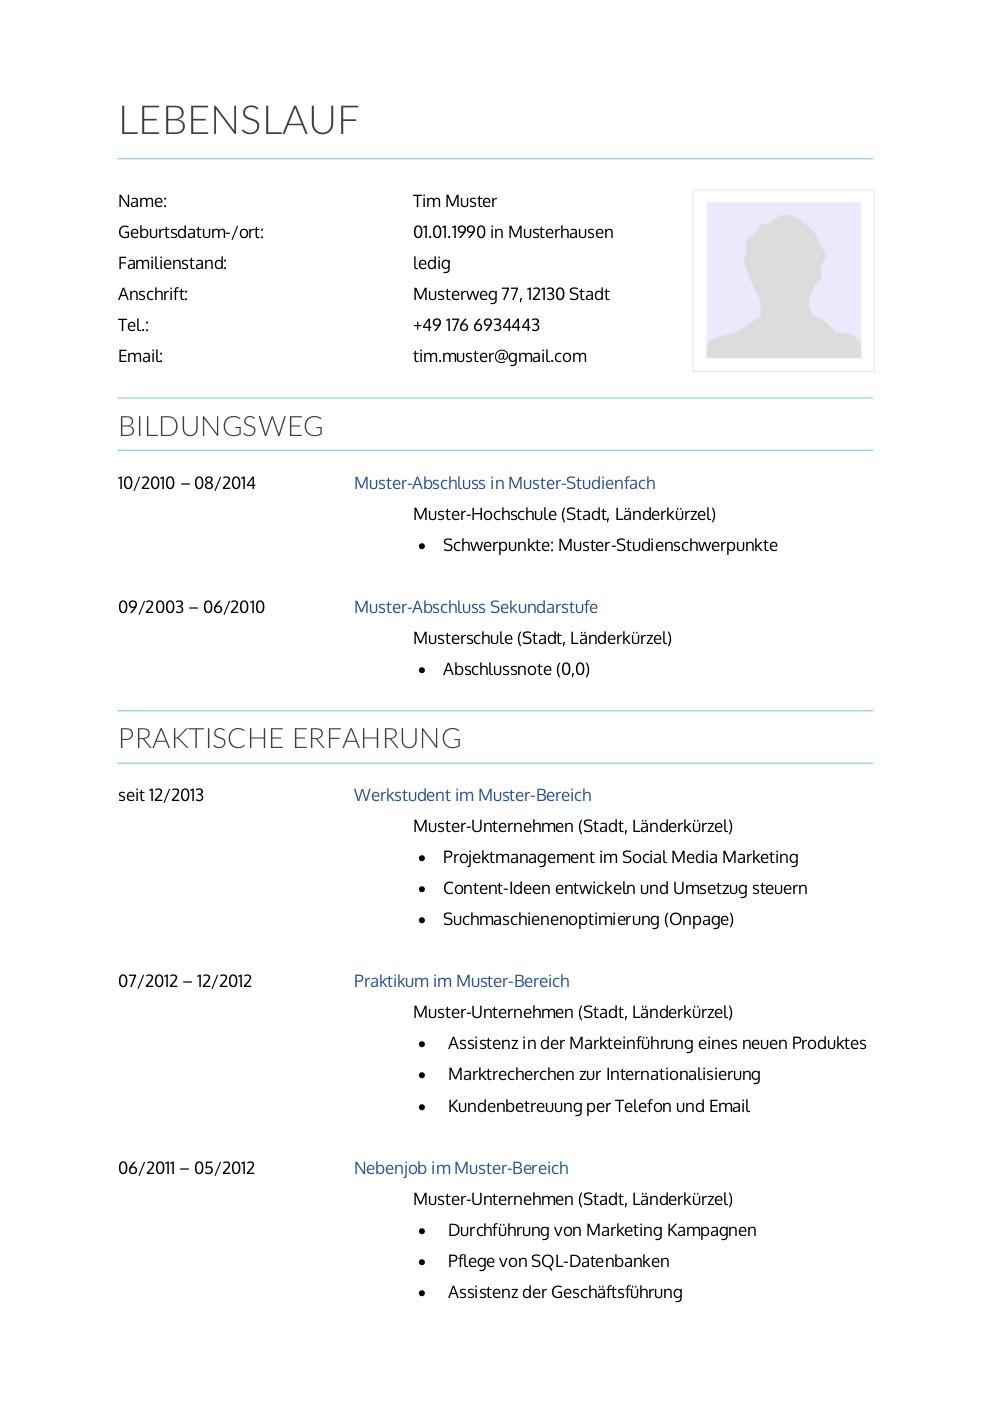 bewerbung krankenpfleger lebenslauf vorlage krankenpfleger 2 motivationsschreiben vorlage krankenpfleger deckblatt vorlage krankenpfleger - Lebenslauf Vorlage 2013